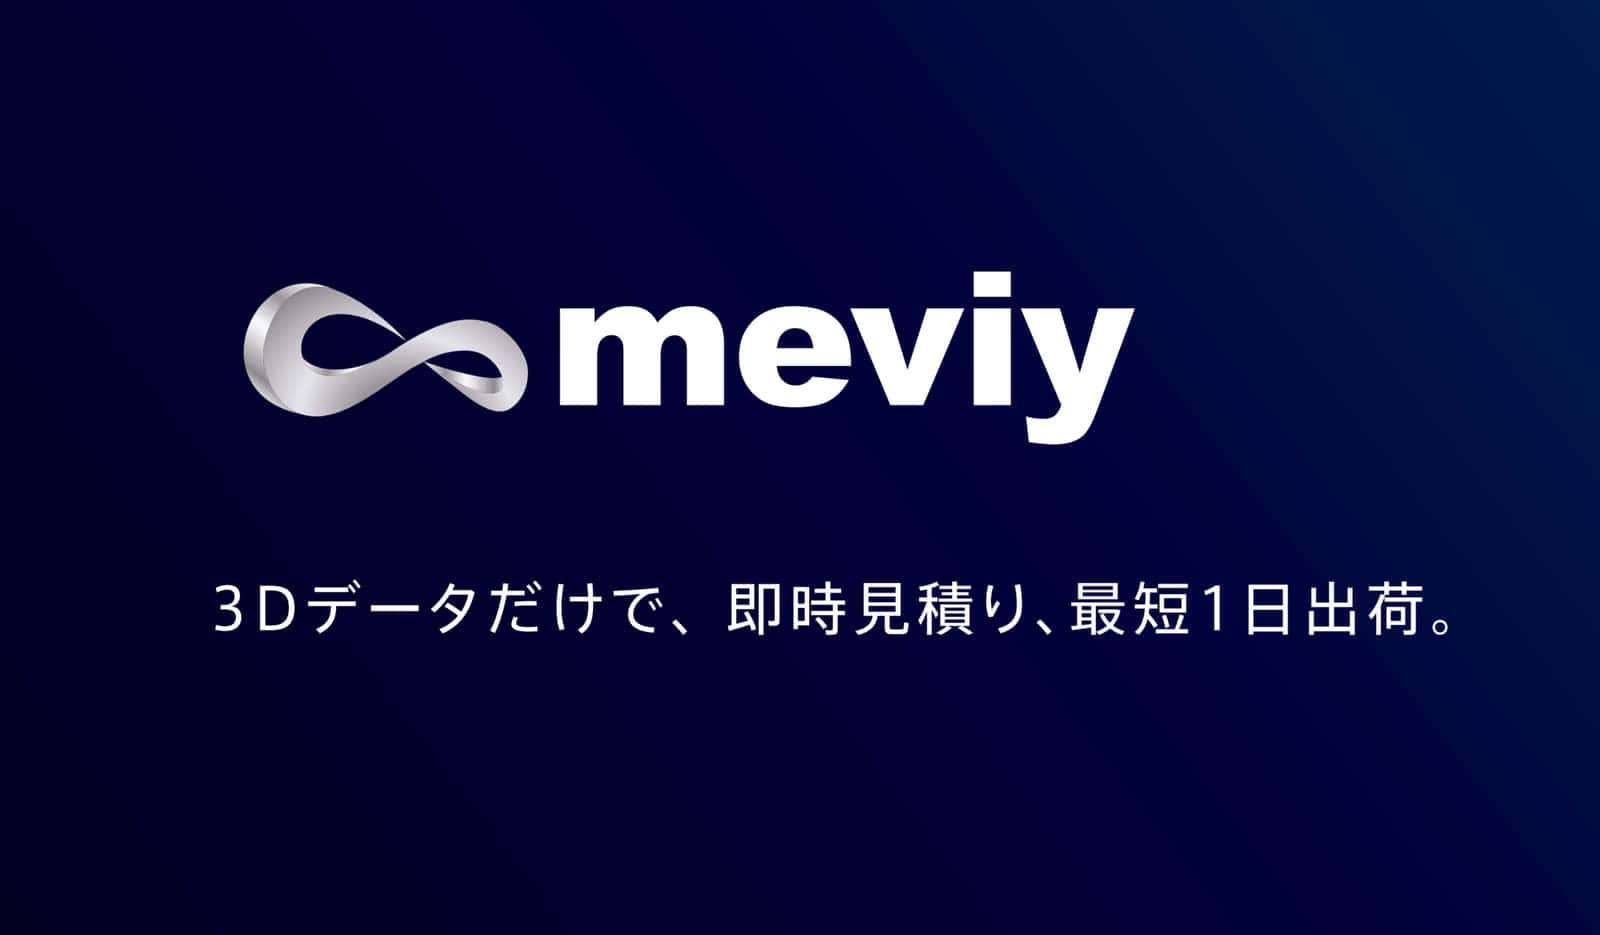 モノづくりを加速させる「meviy」部品調達のイノベーションを起こすオンラインサービス